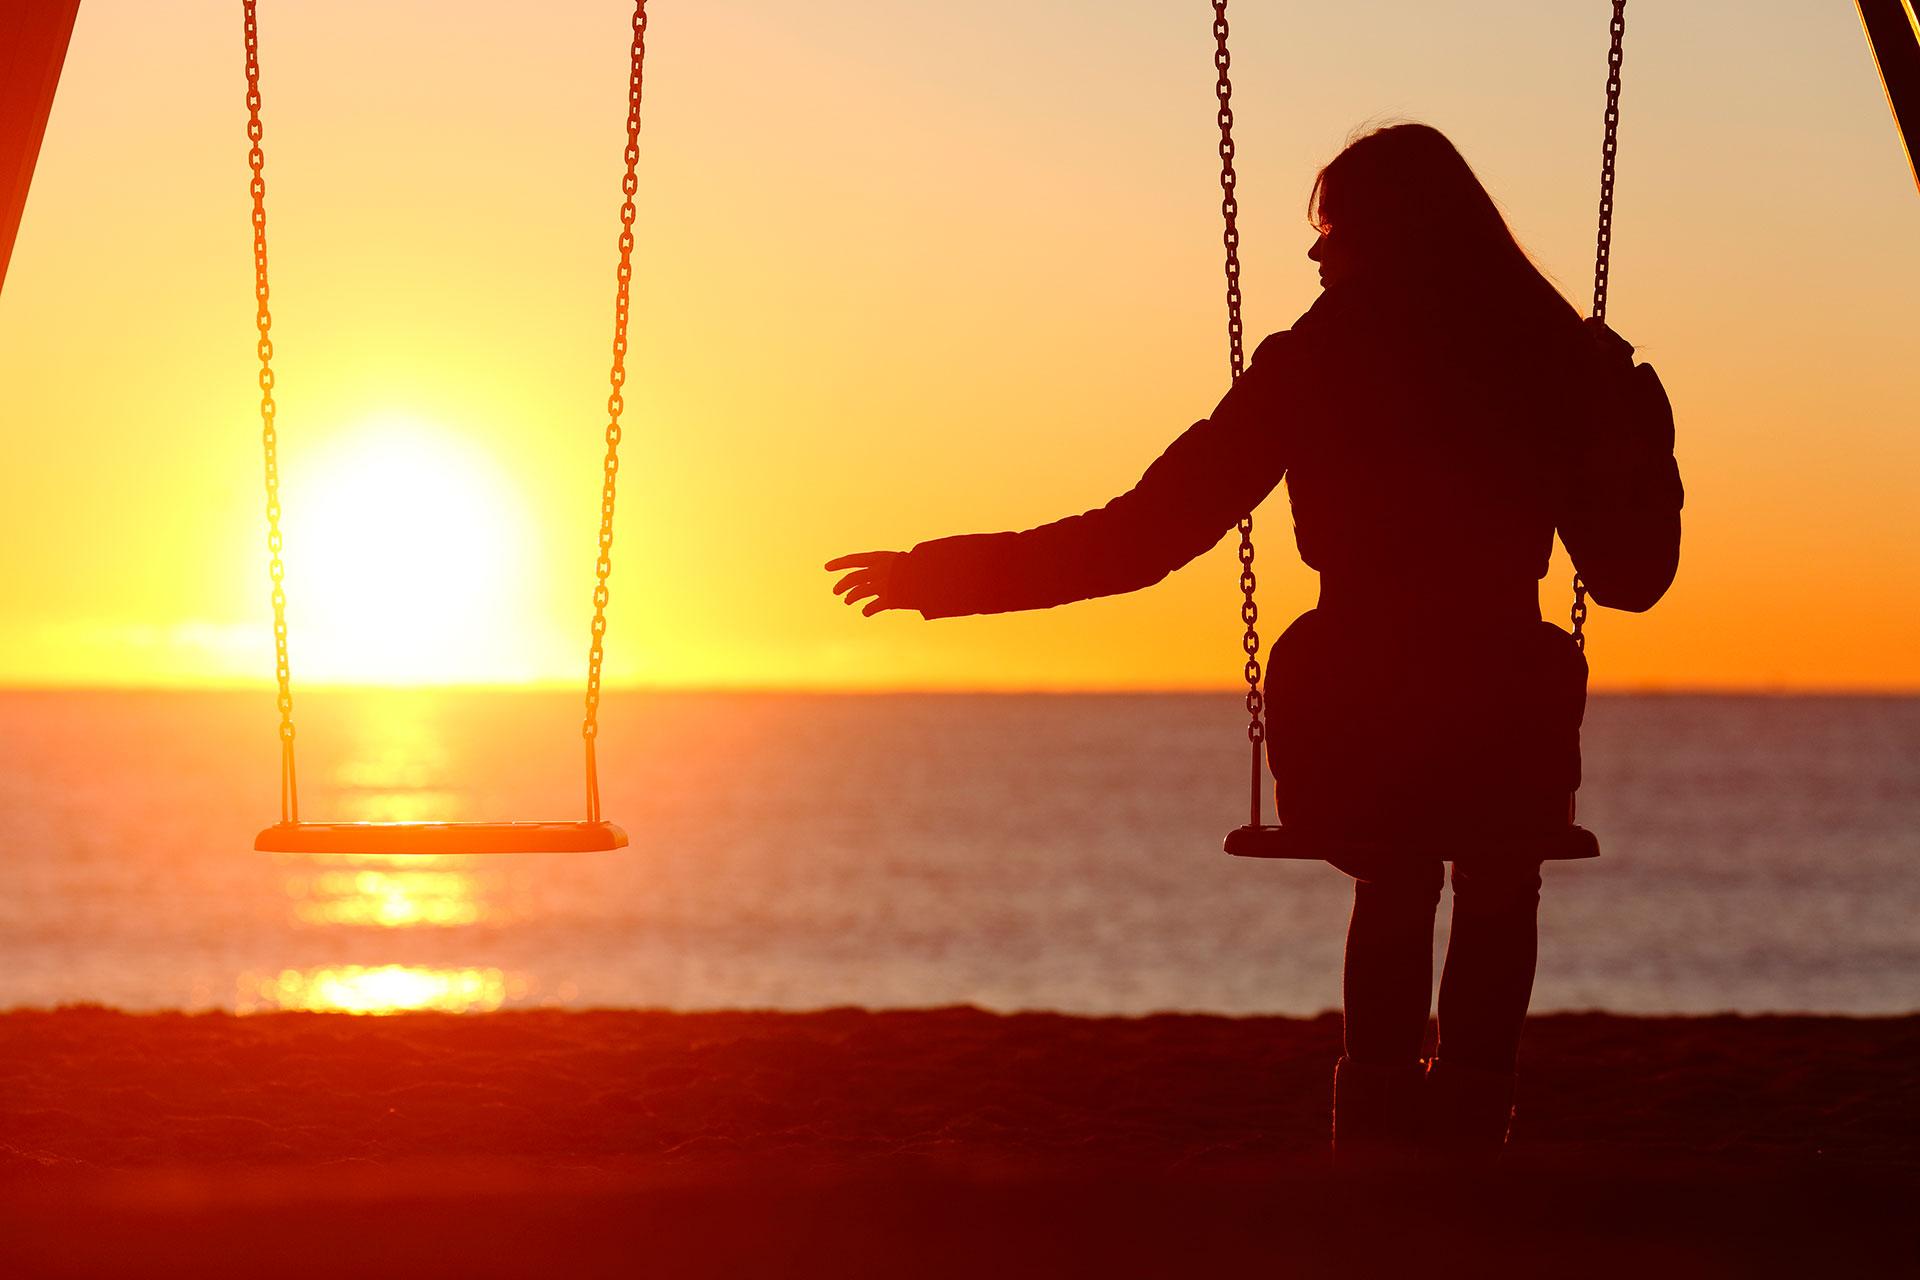 La epidemia de la soledad: las peligrosas consecuencias de sentirse solo -  Infobae